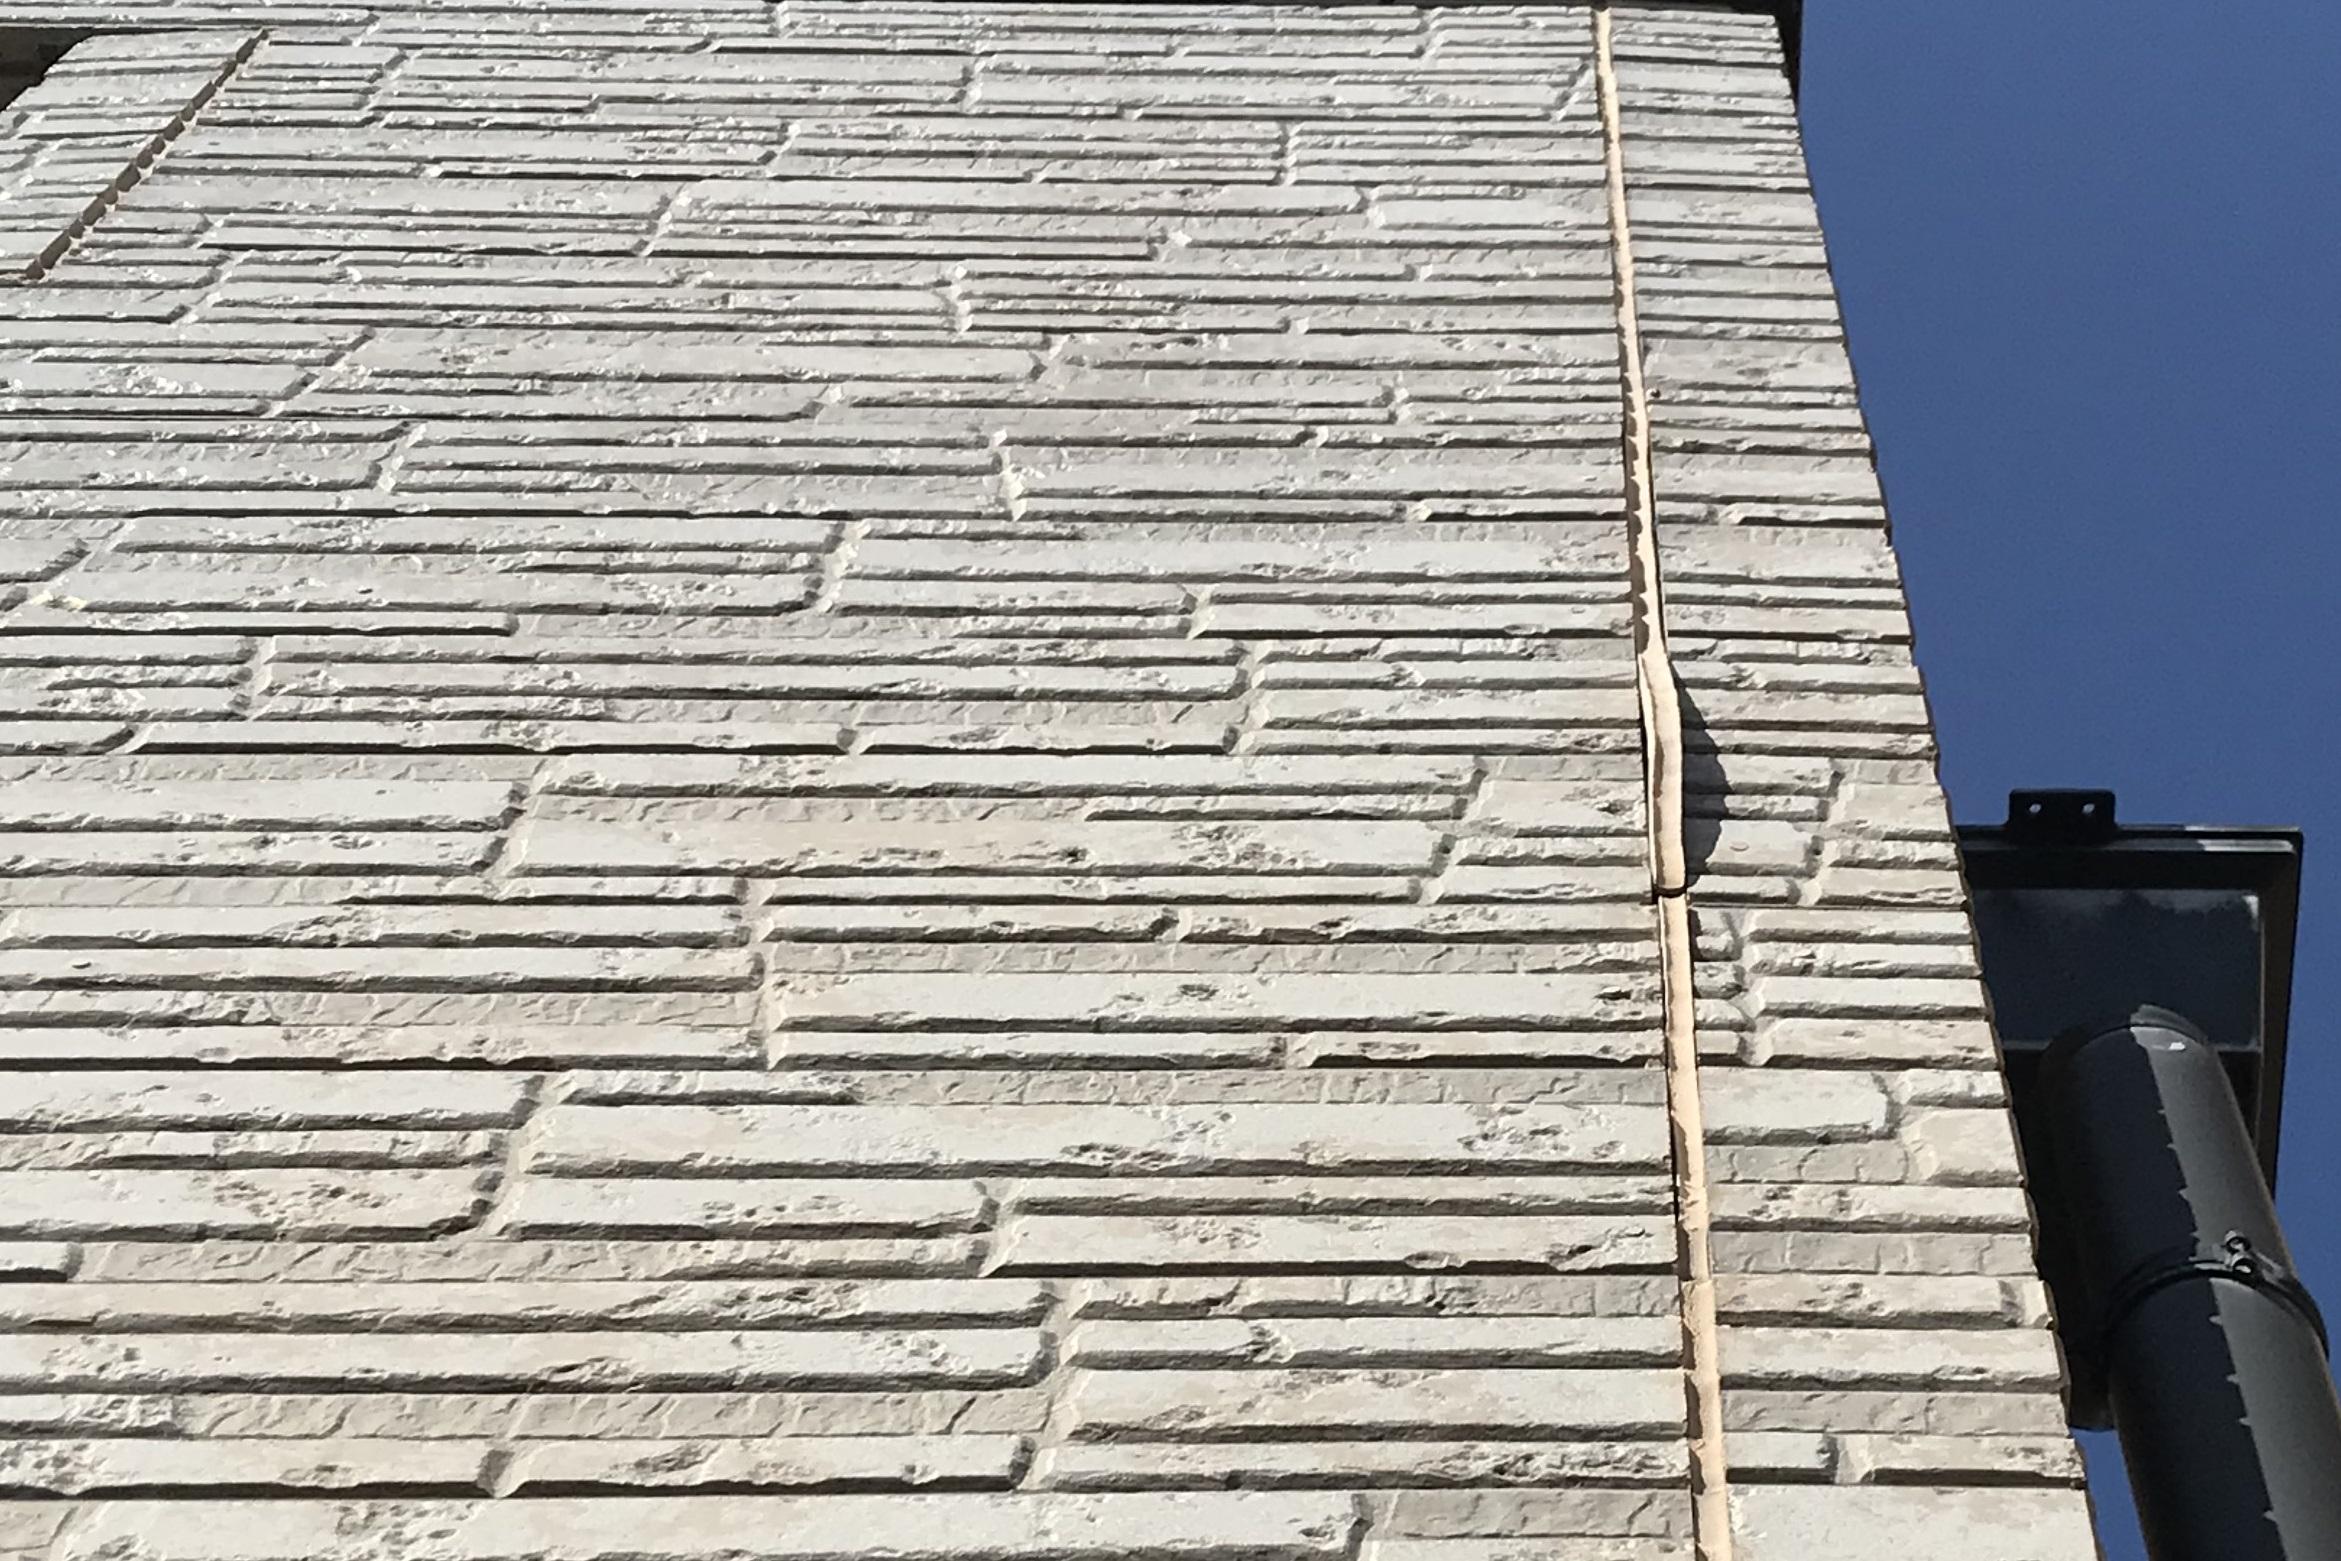 上尾市サイディング南側外壁目地の不具合部分アップ